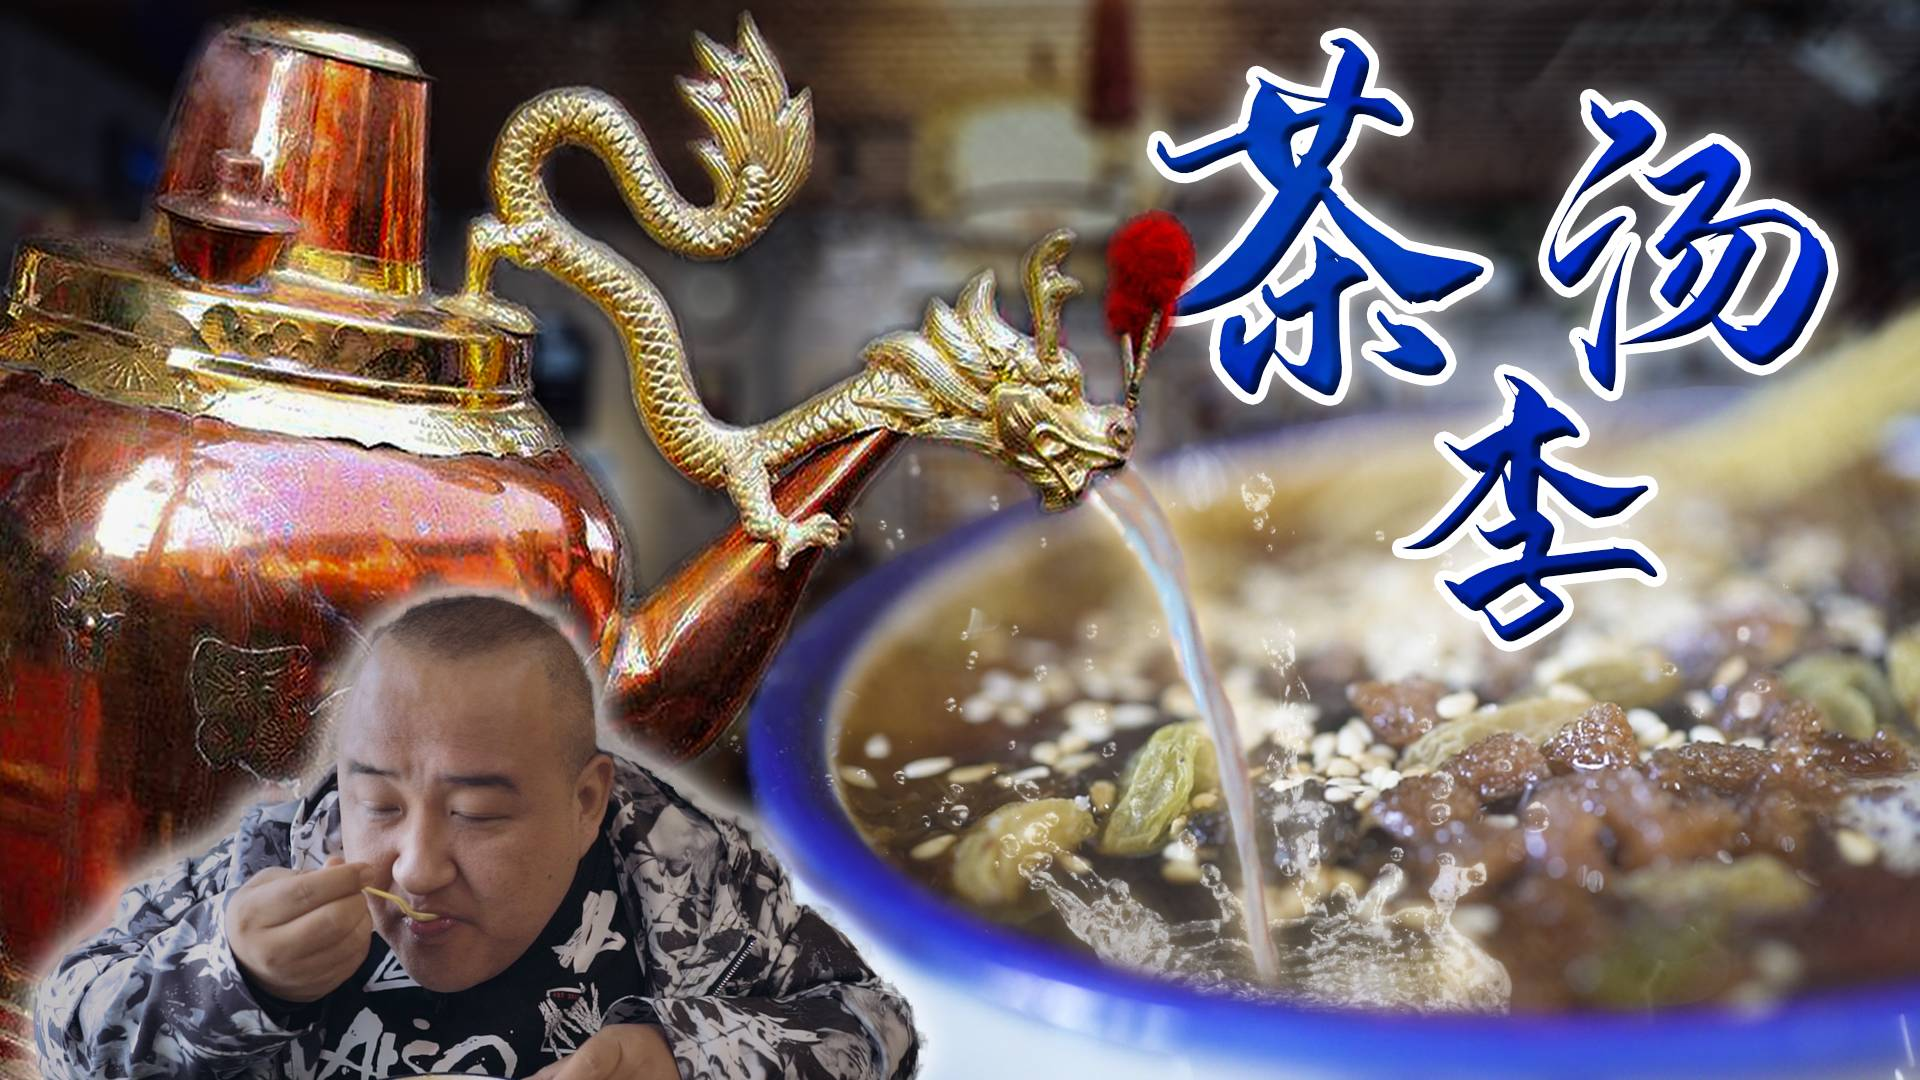 【吃货请闭眼】京城9把龙嘴大茶壶,这家占据半壁江山?八宝茶汤12块一碗,逛庙会必备小吃!